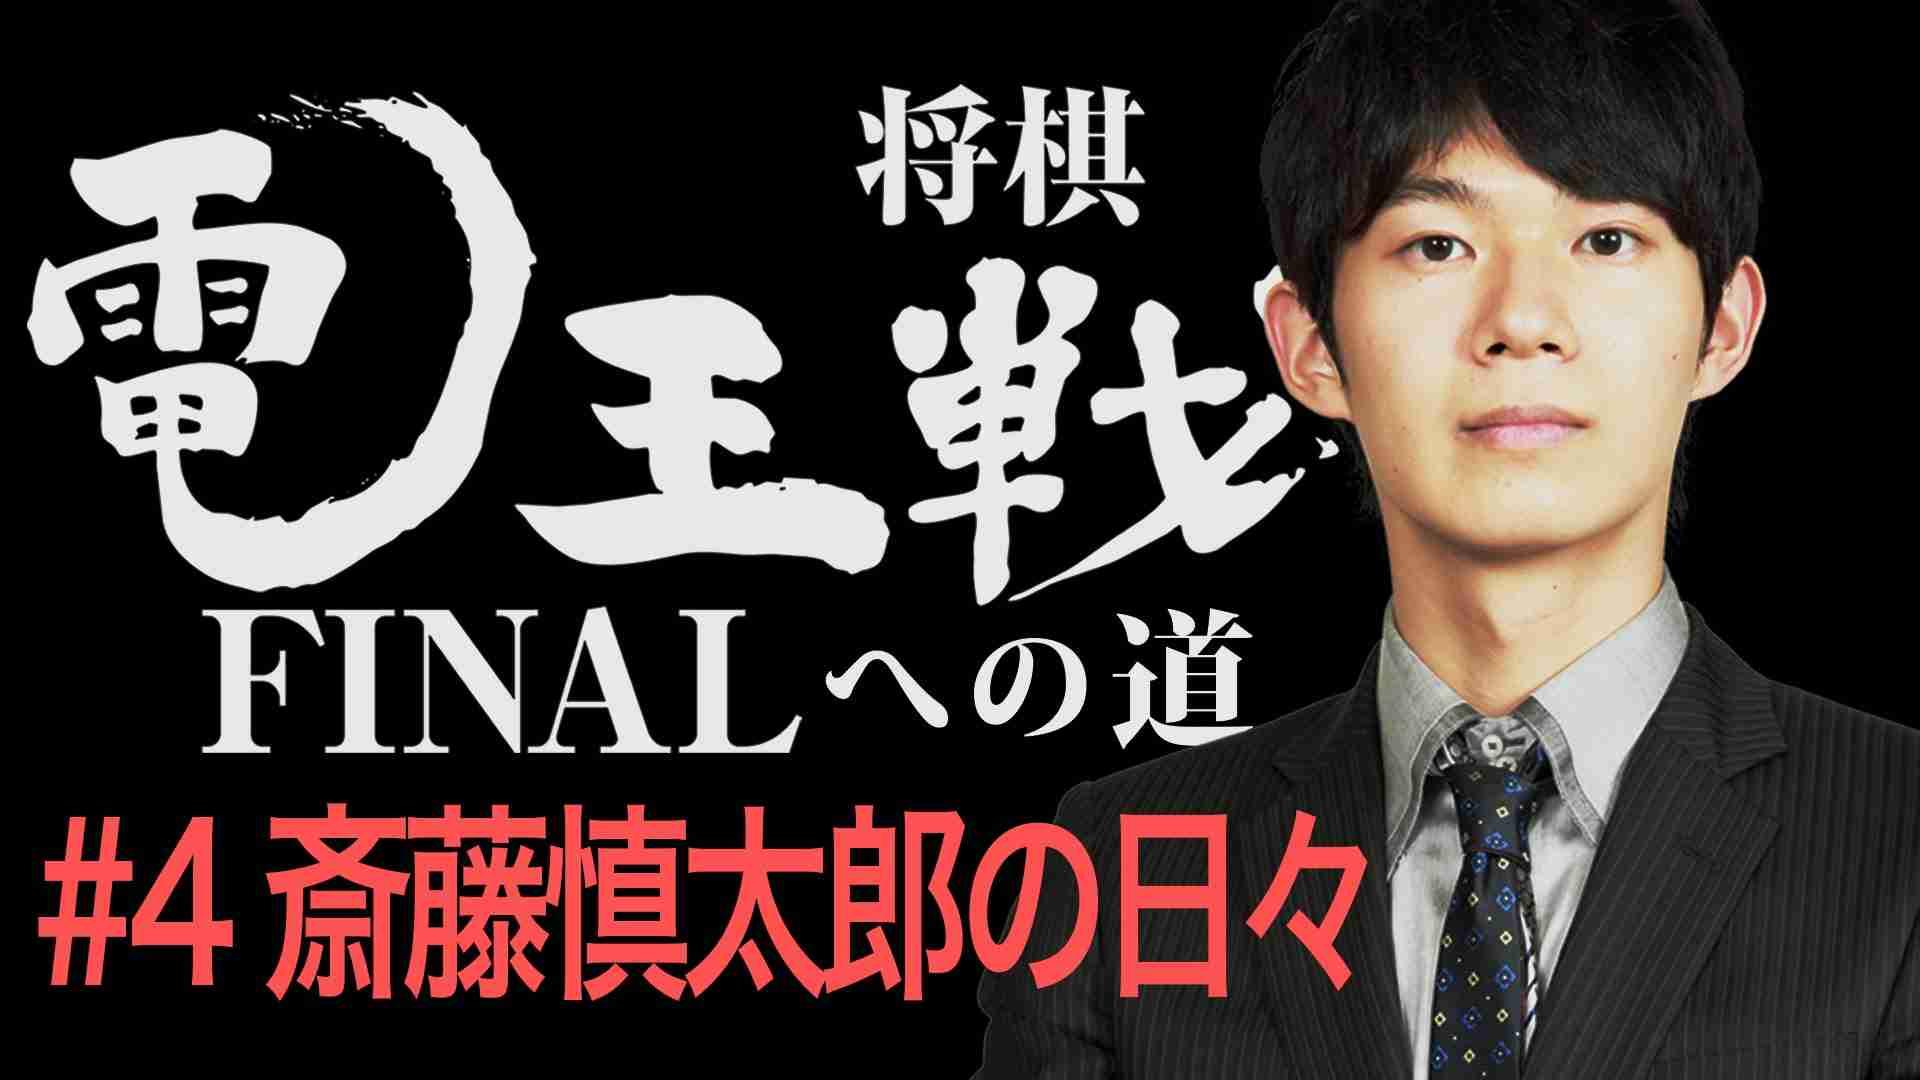 【電王戦FINALへの道】 #4 斎藤慎太郎の日々 - YouTube